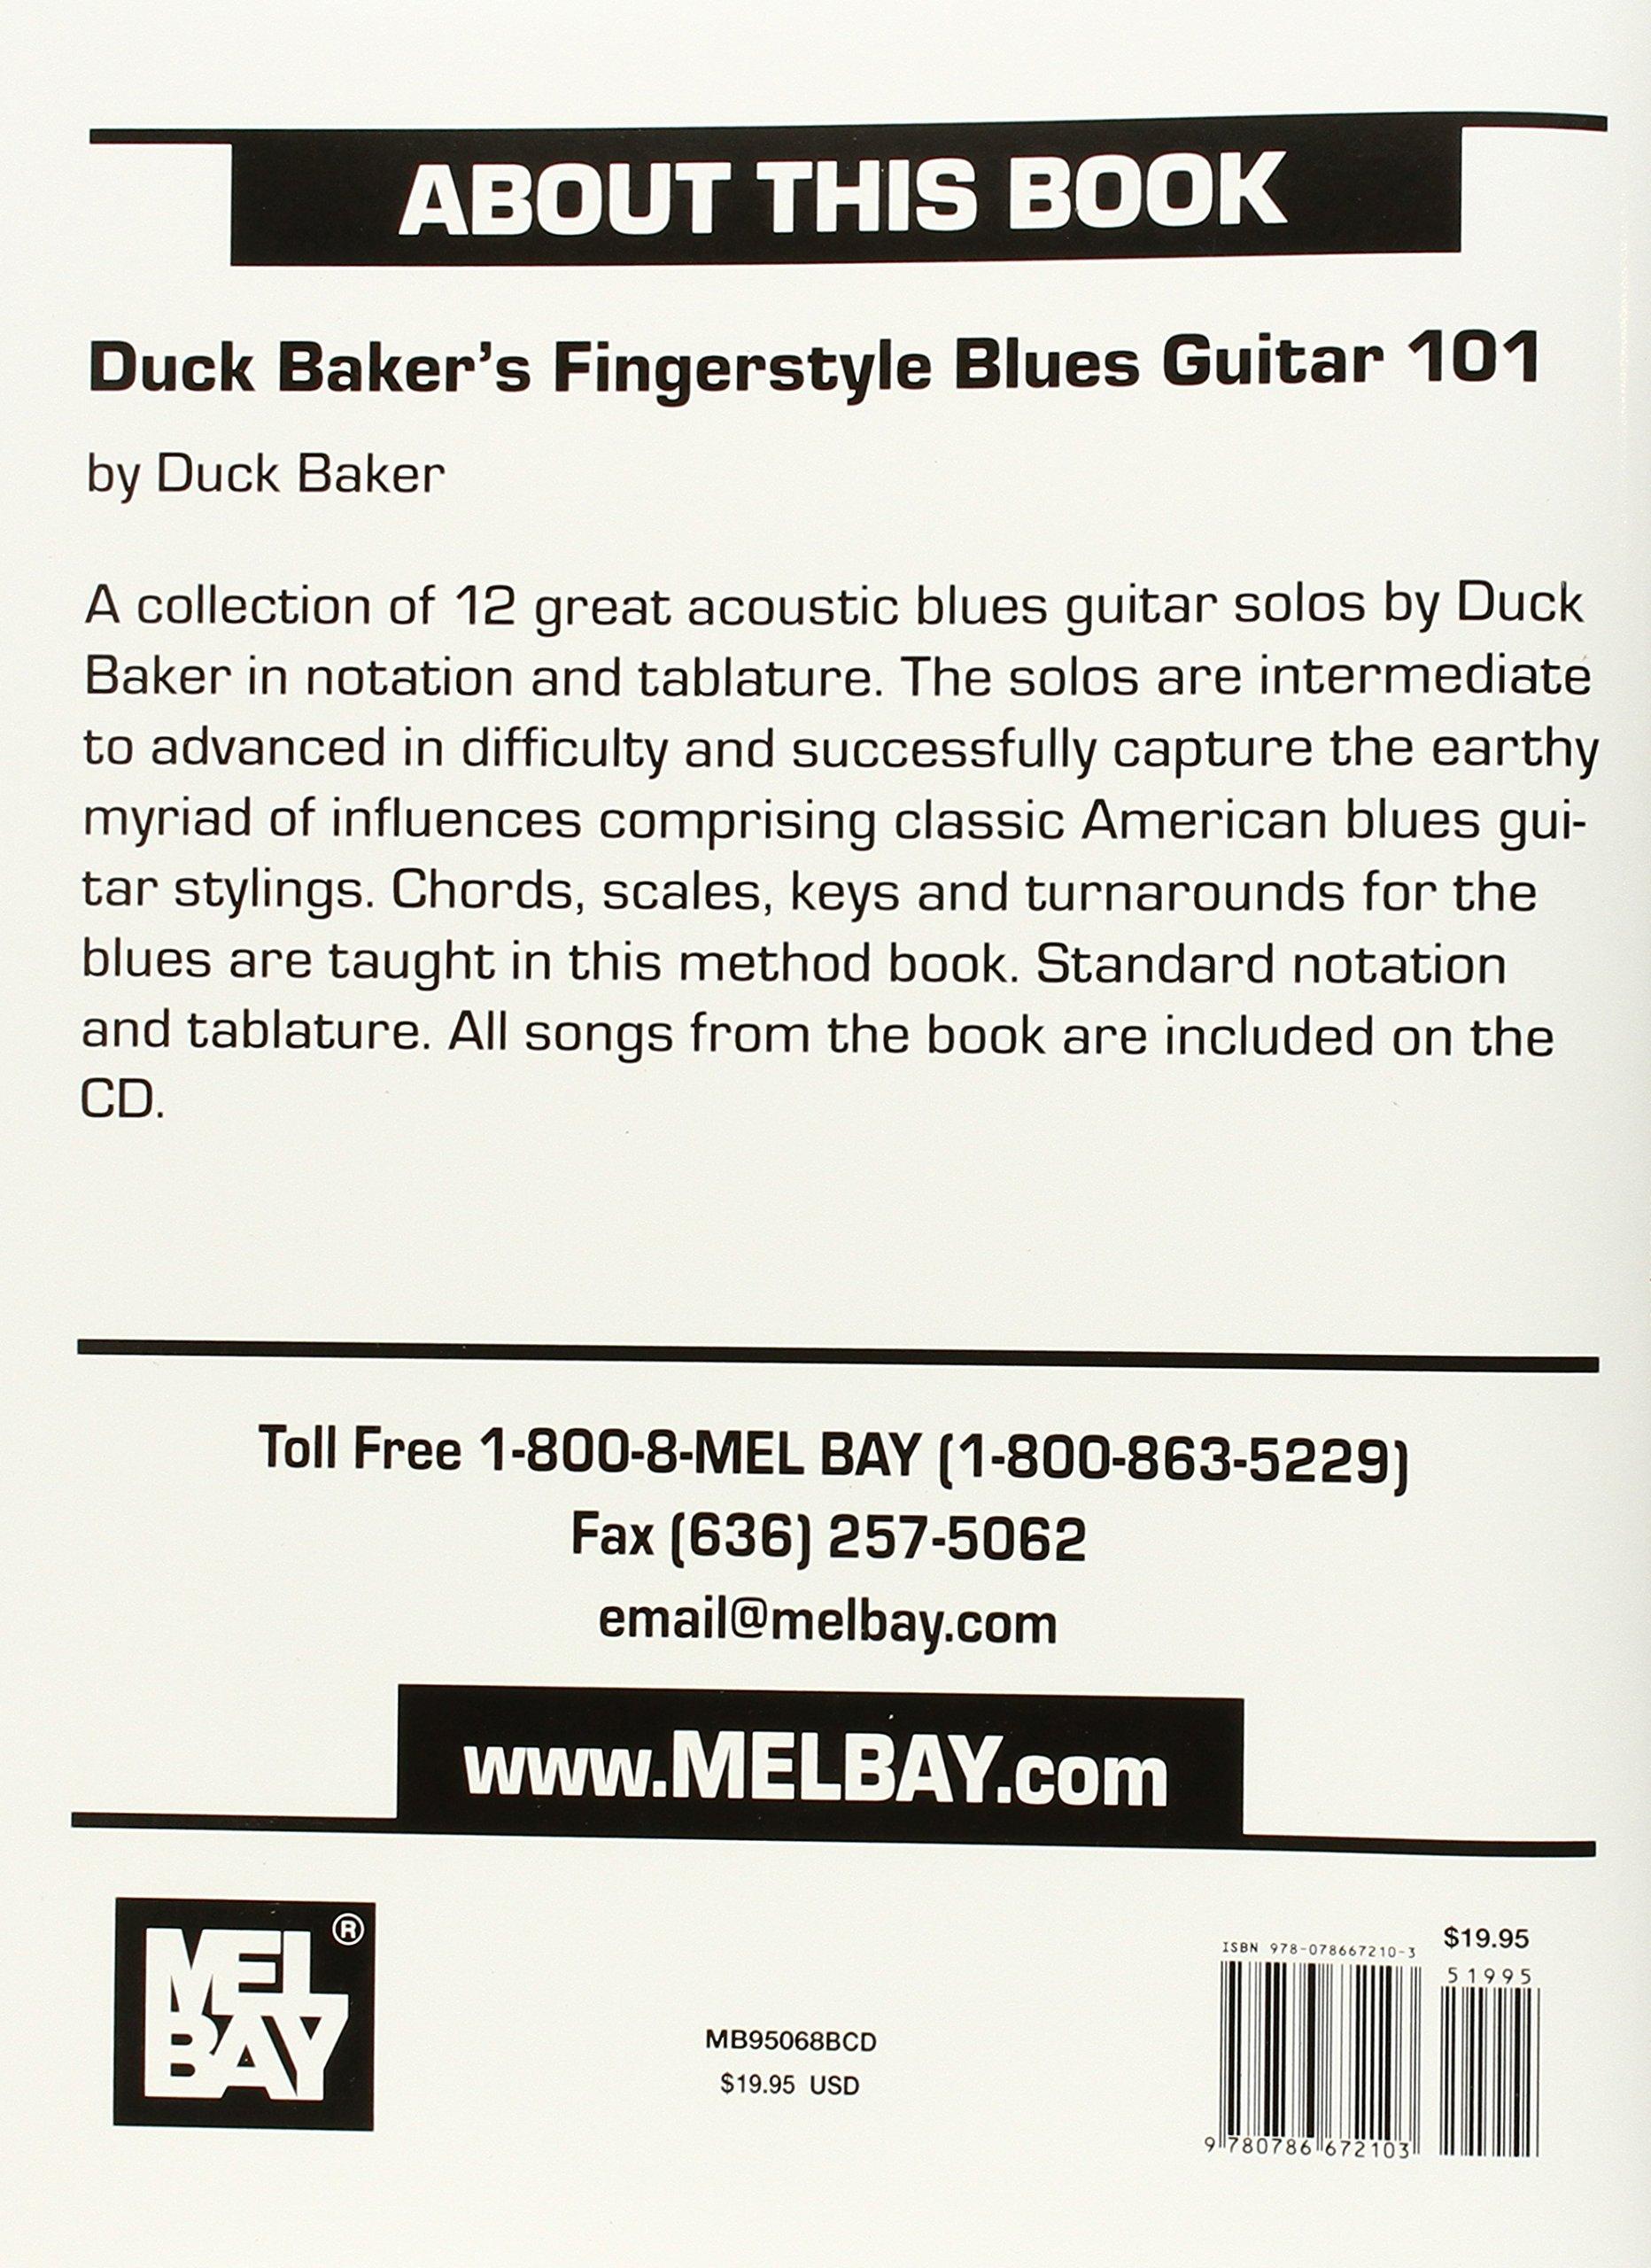 Amazon Mel Bay Duck Bakers Fingerstyle Blues Guitar 101